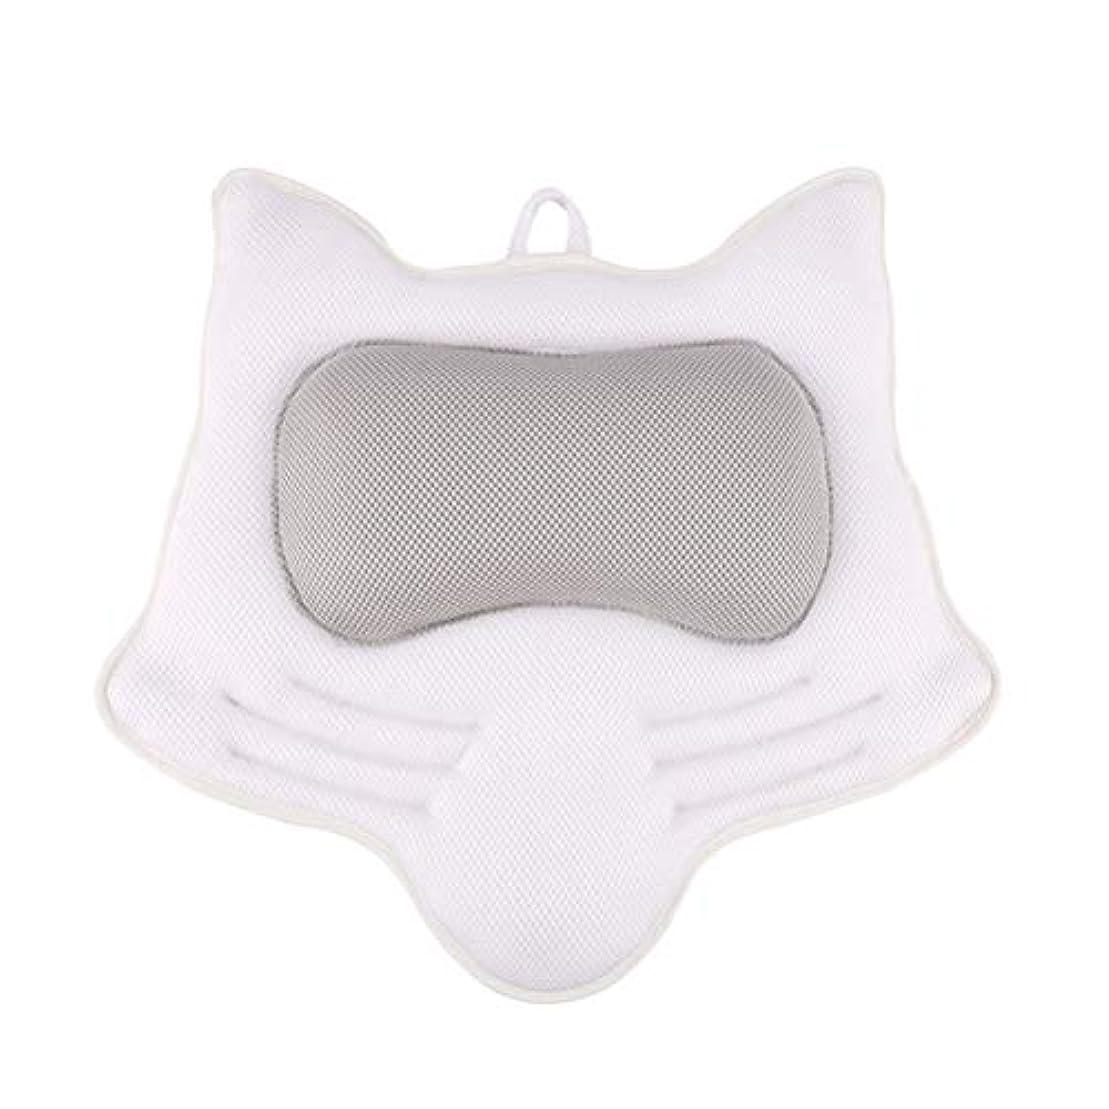 縁流用する着替えるSUPVOX お風呂まくら バスピロー 滑り止め付 バスタブ 人気 肩こり 熟睡 浴用品 ネックサポートサクションカップ ホワイト